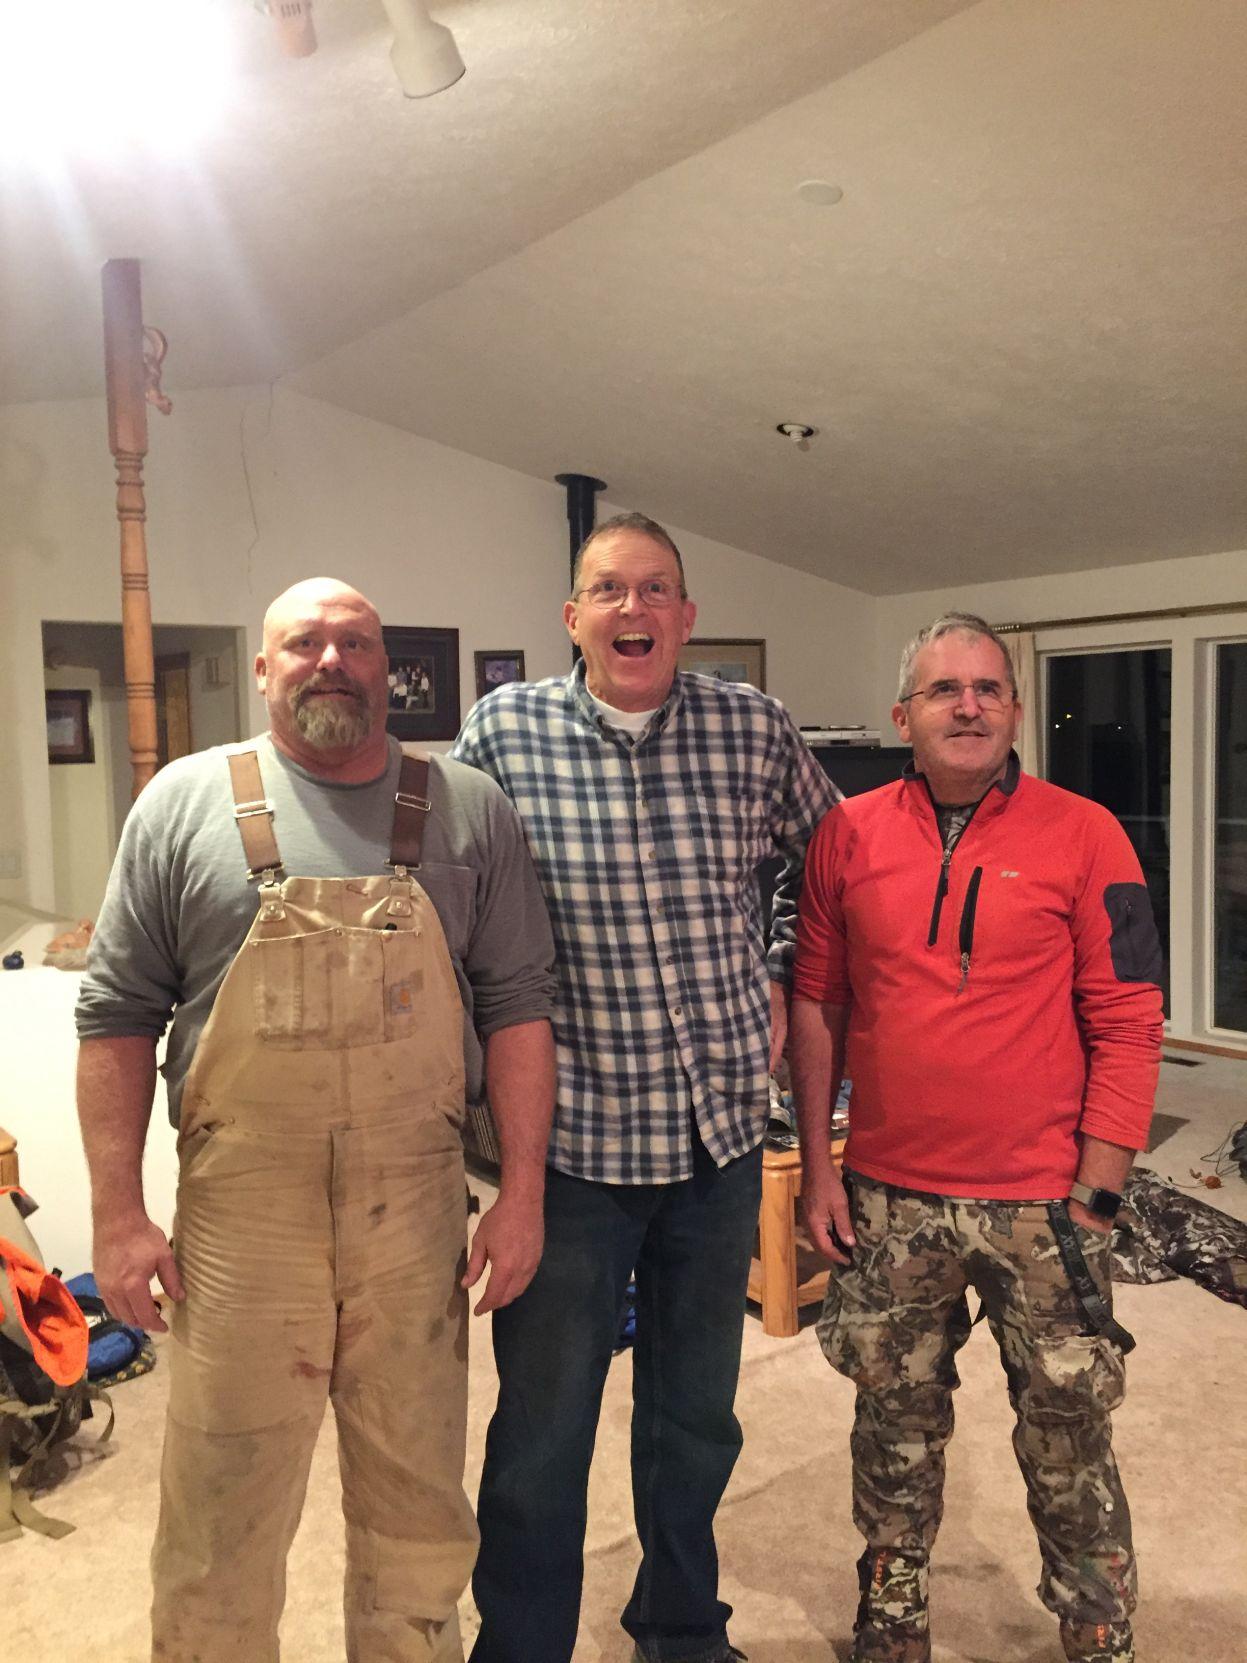 Todd, Dan and Larry